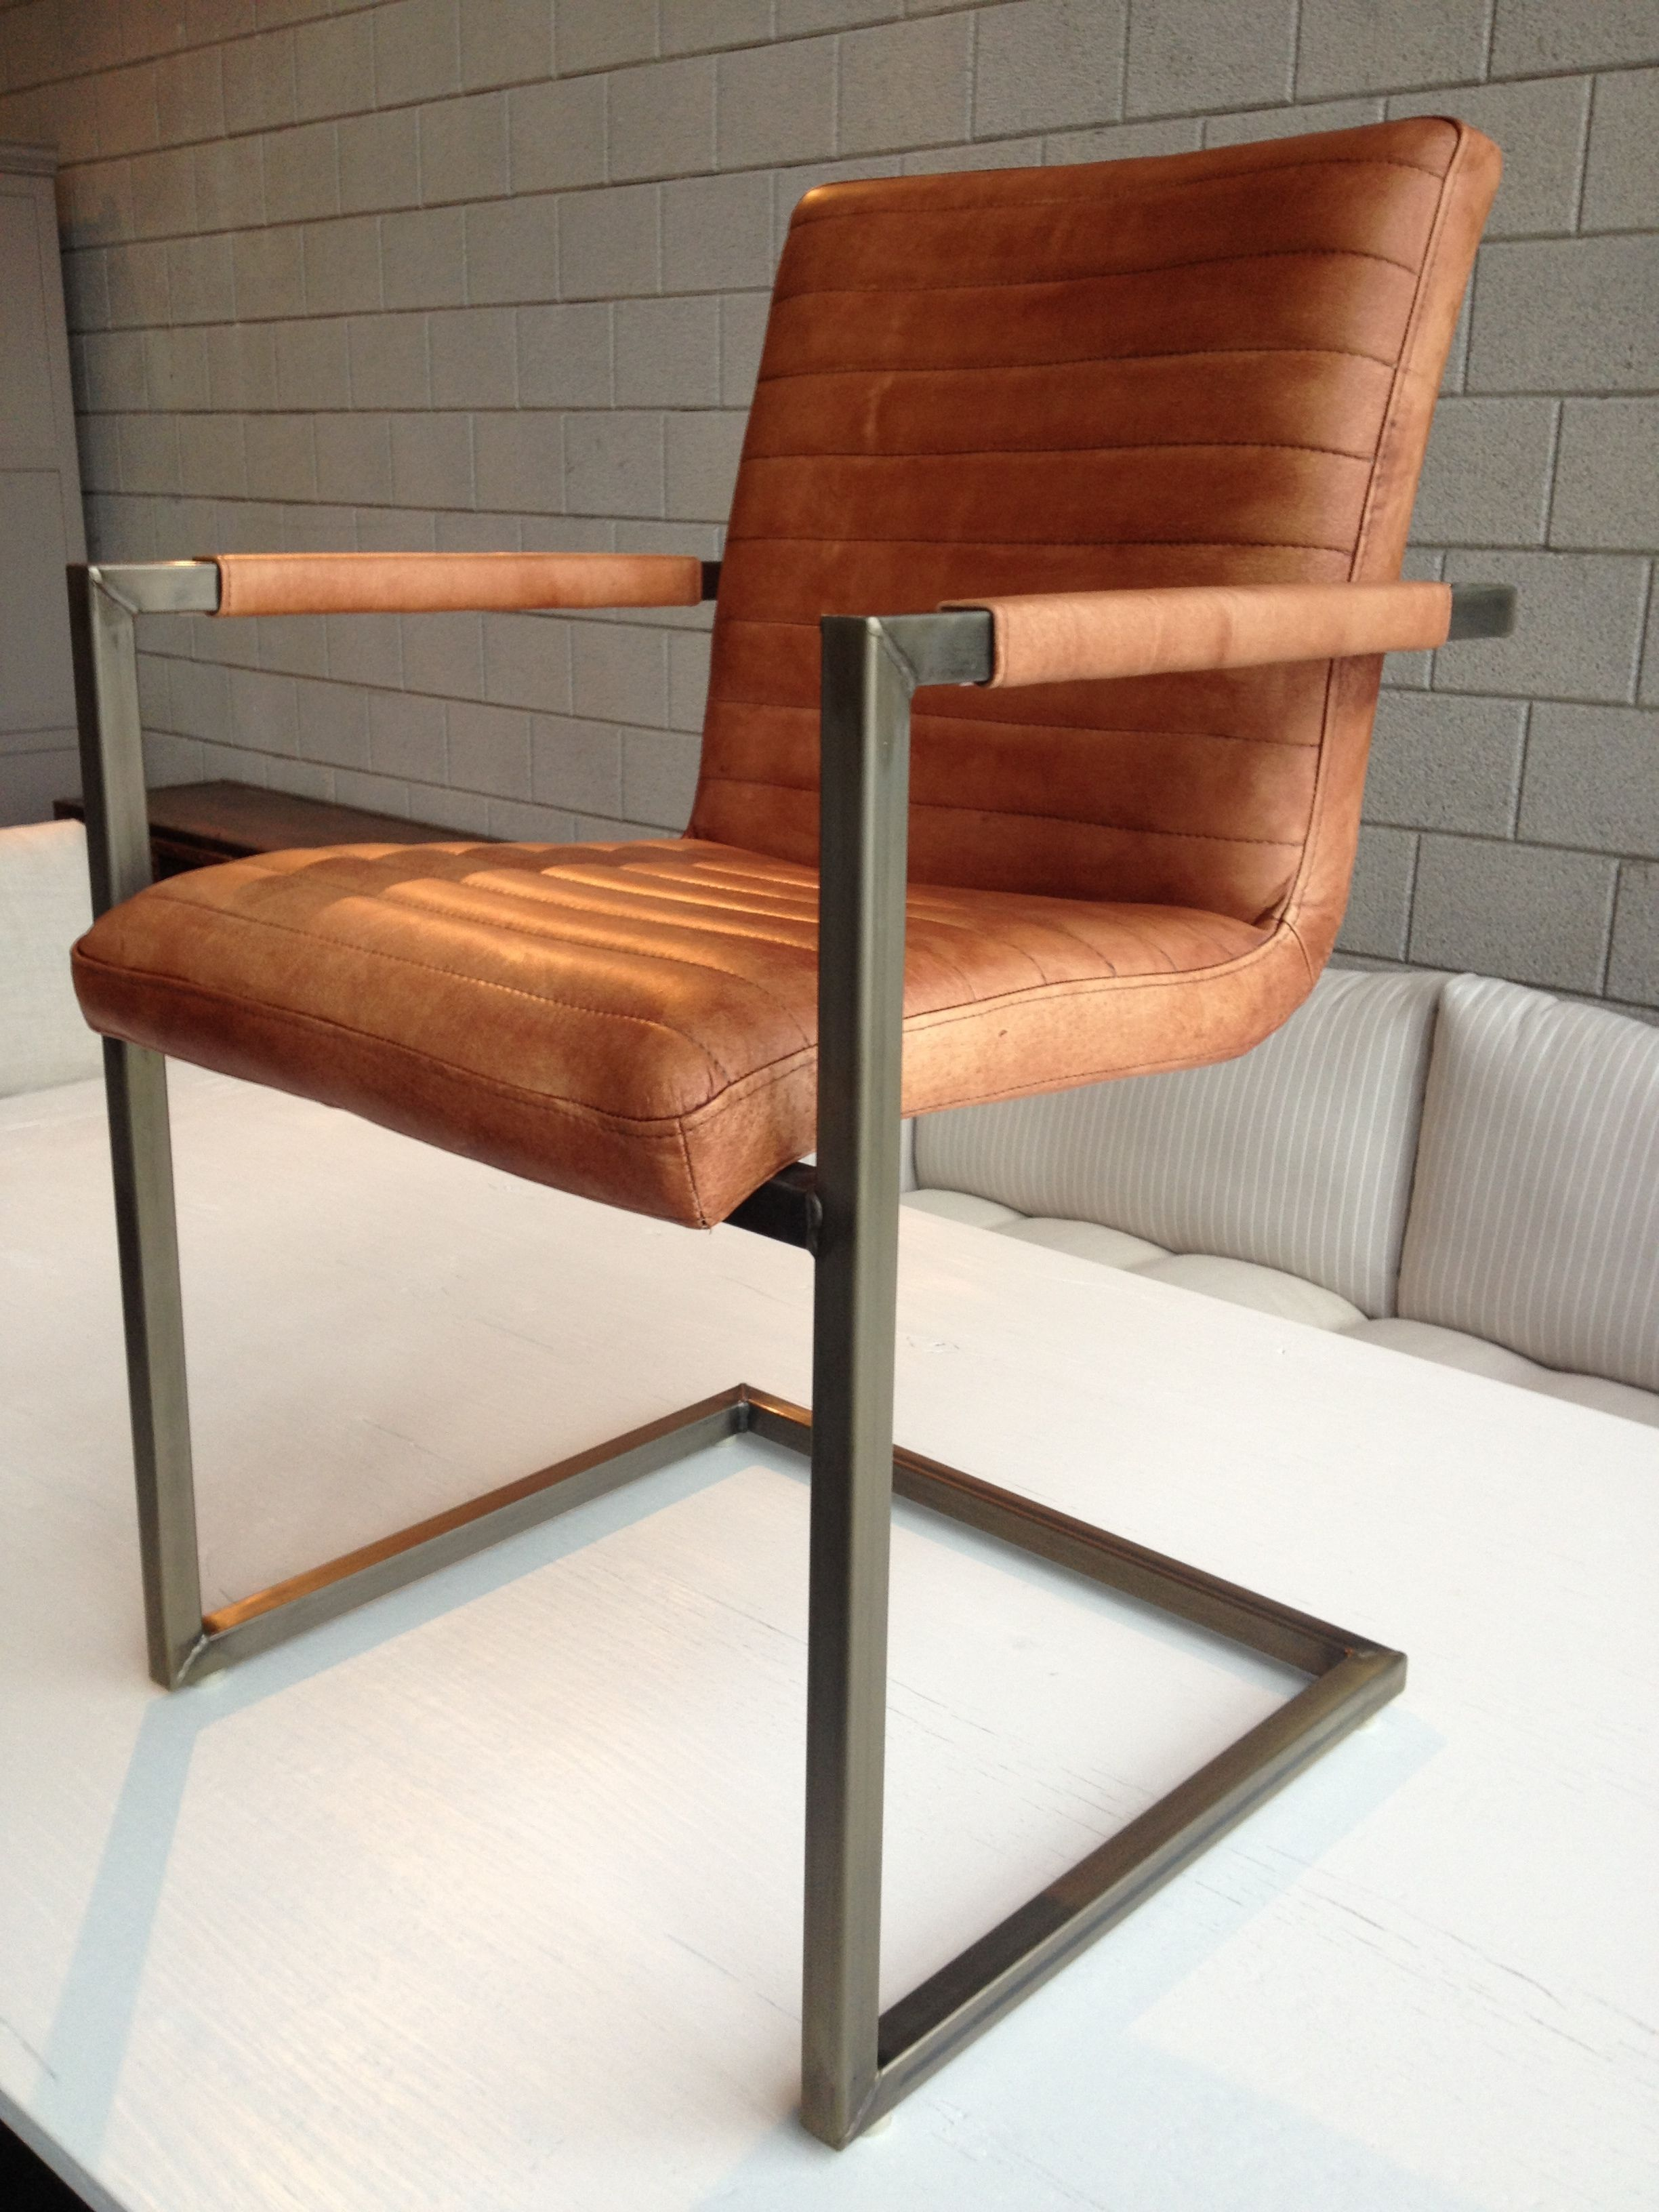 Eetkamerstoel sturdy eetkamerstoelen pinterest for Eettafel stoelen cognac